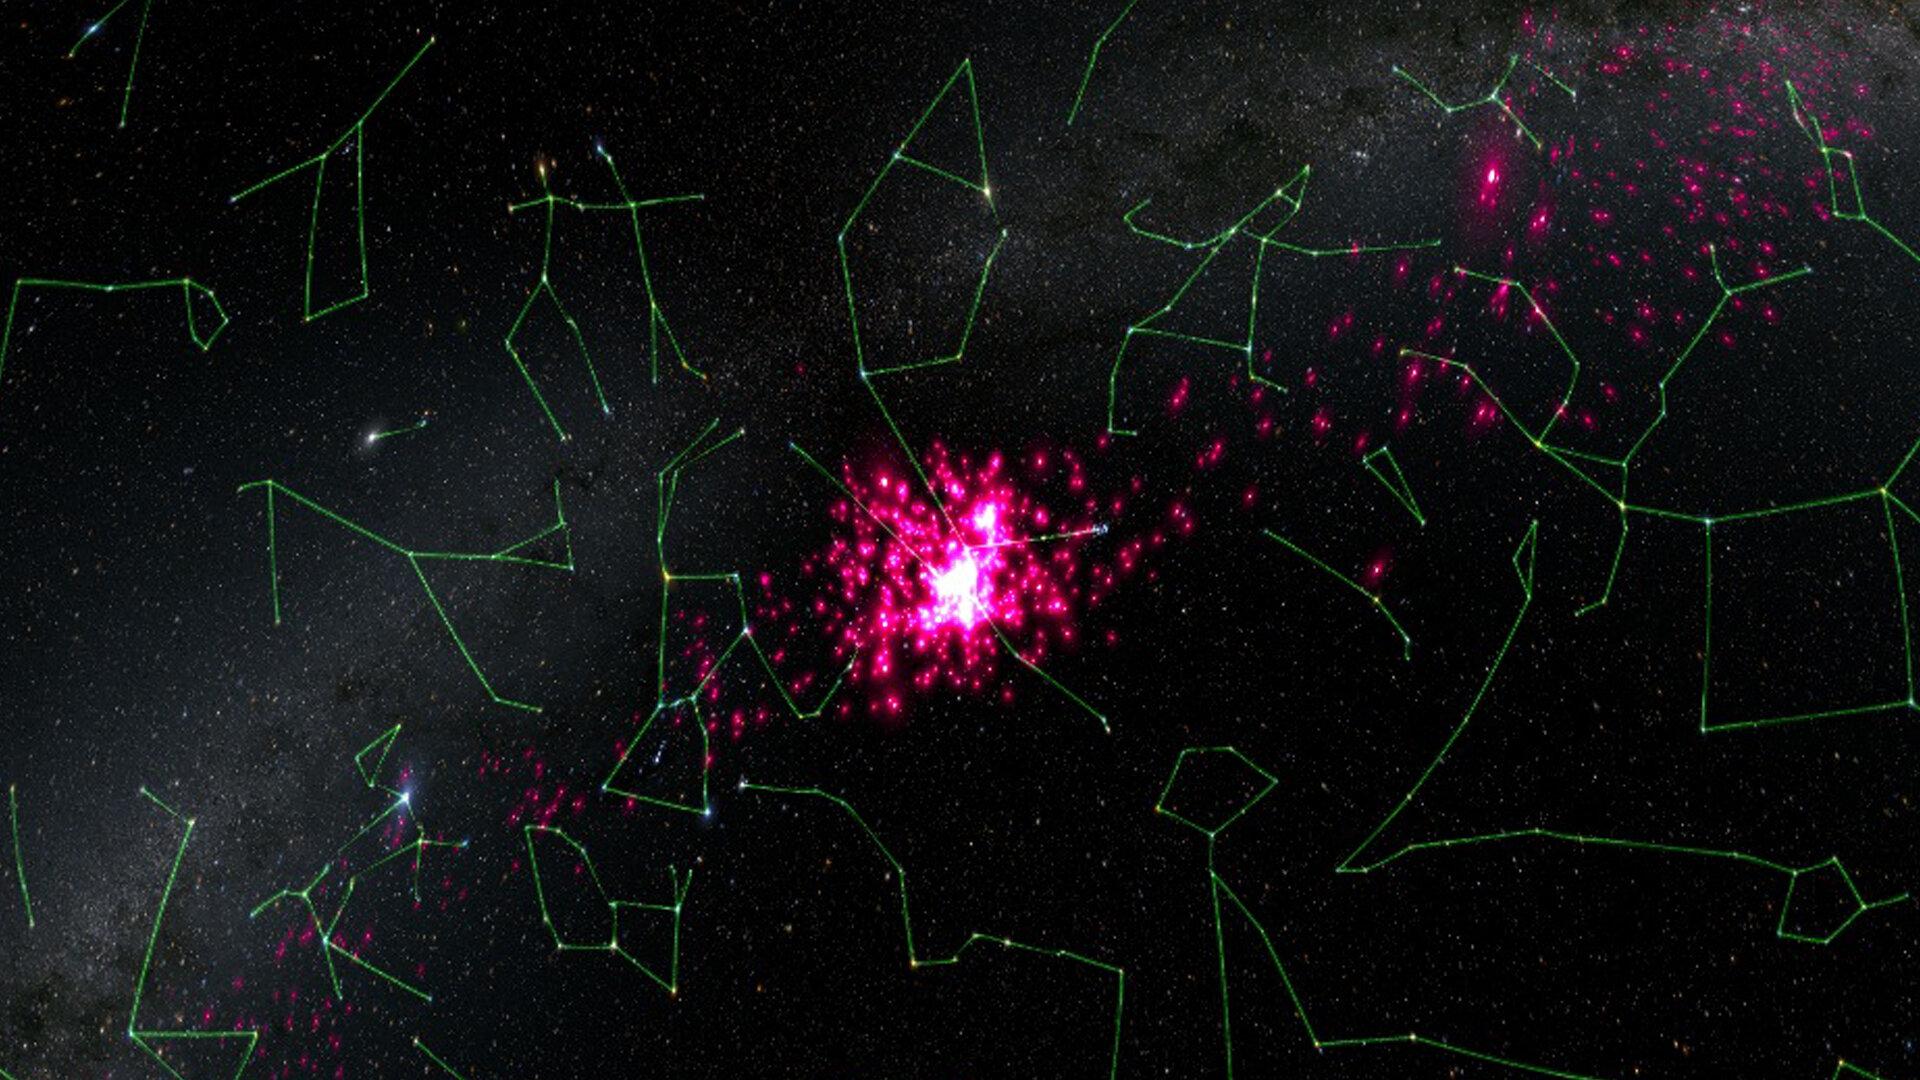 V nejbližší hvězdokupě se děje něco podivného, mohla se srazit s oblakem temné hmoty